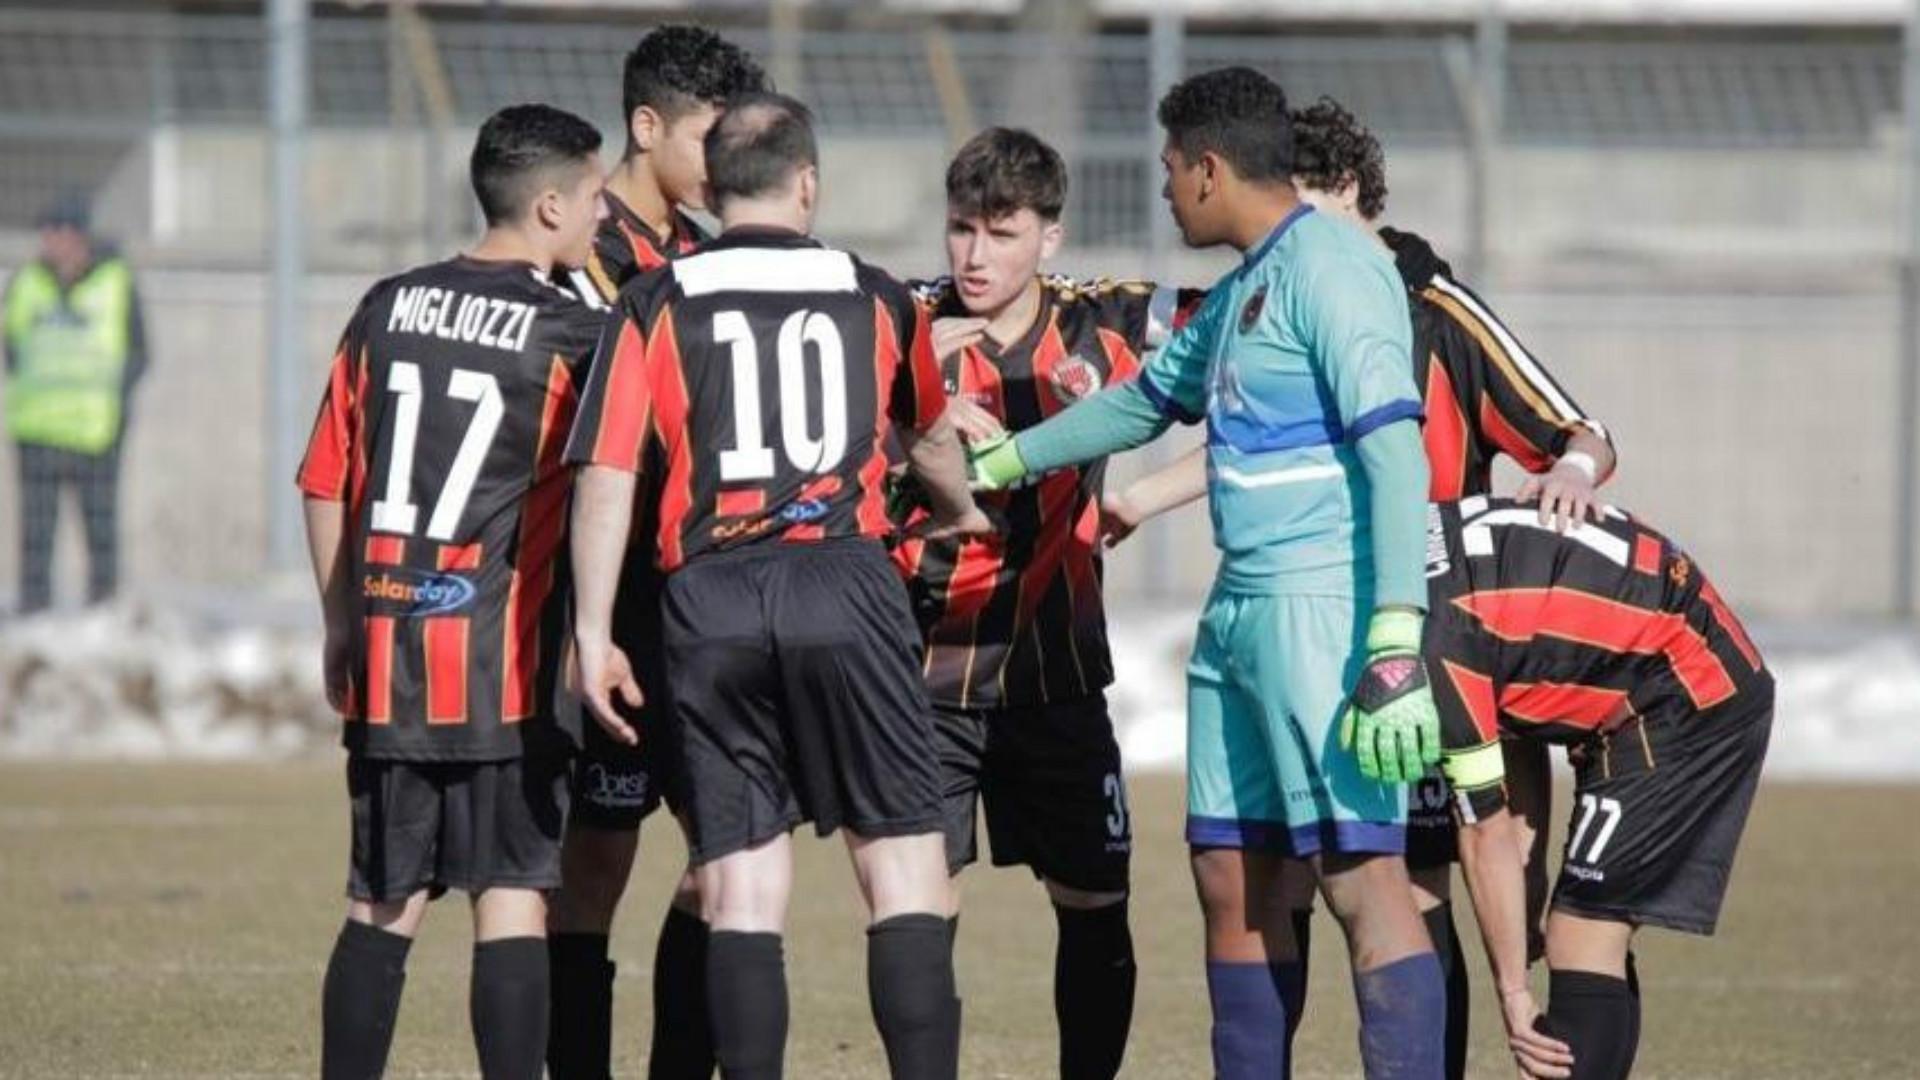 Serie C Club Fields 7 Teenagers, Loses 20-0